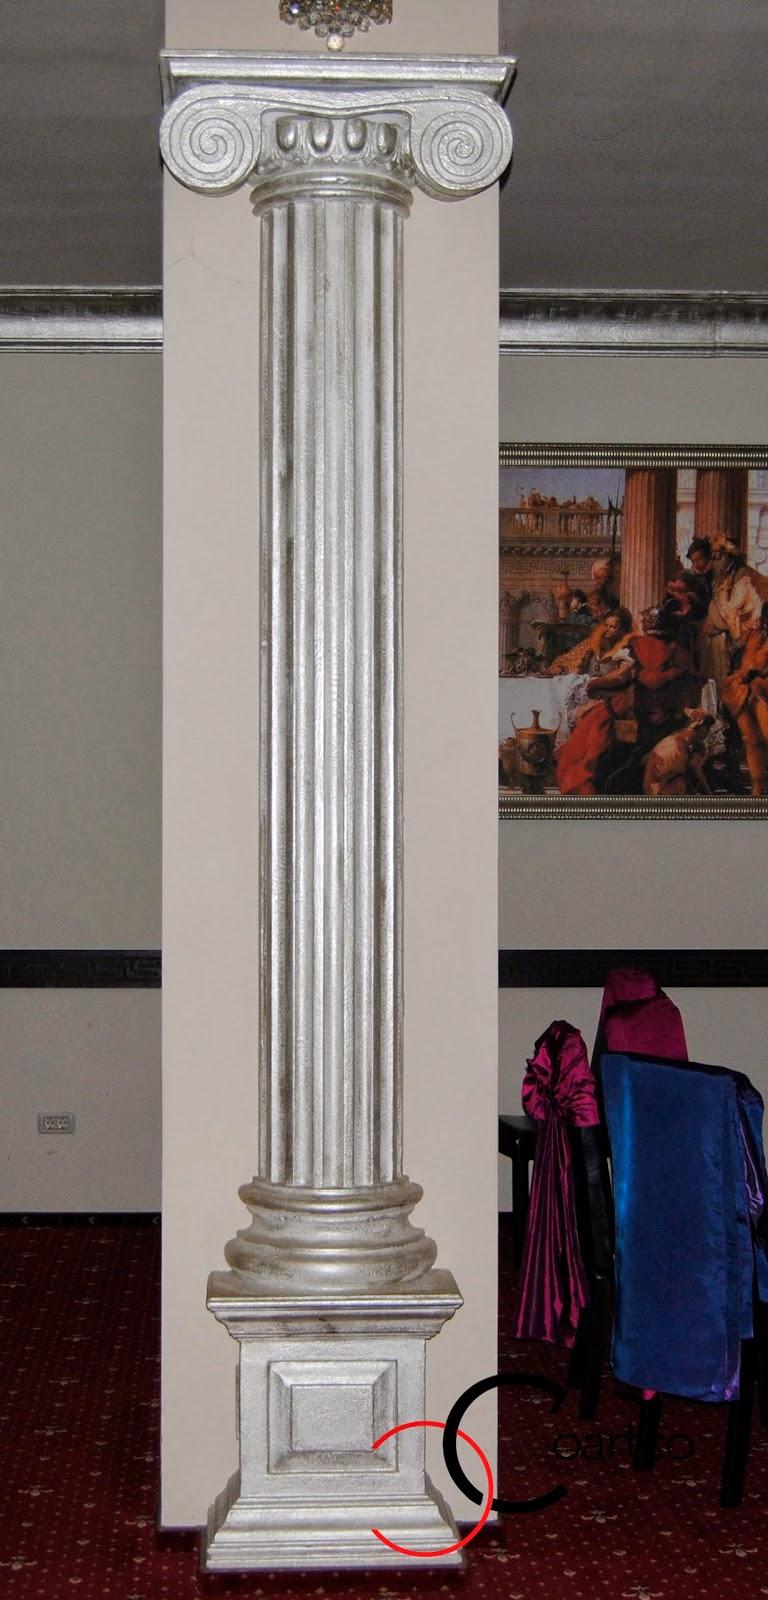 coloane grecesti, Coloane Decorative Polistiren, pentru sali nunti, coloane vopsea argintie